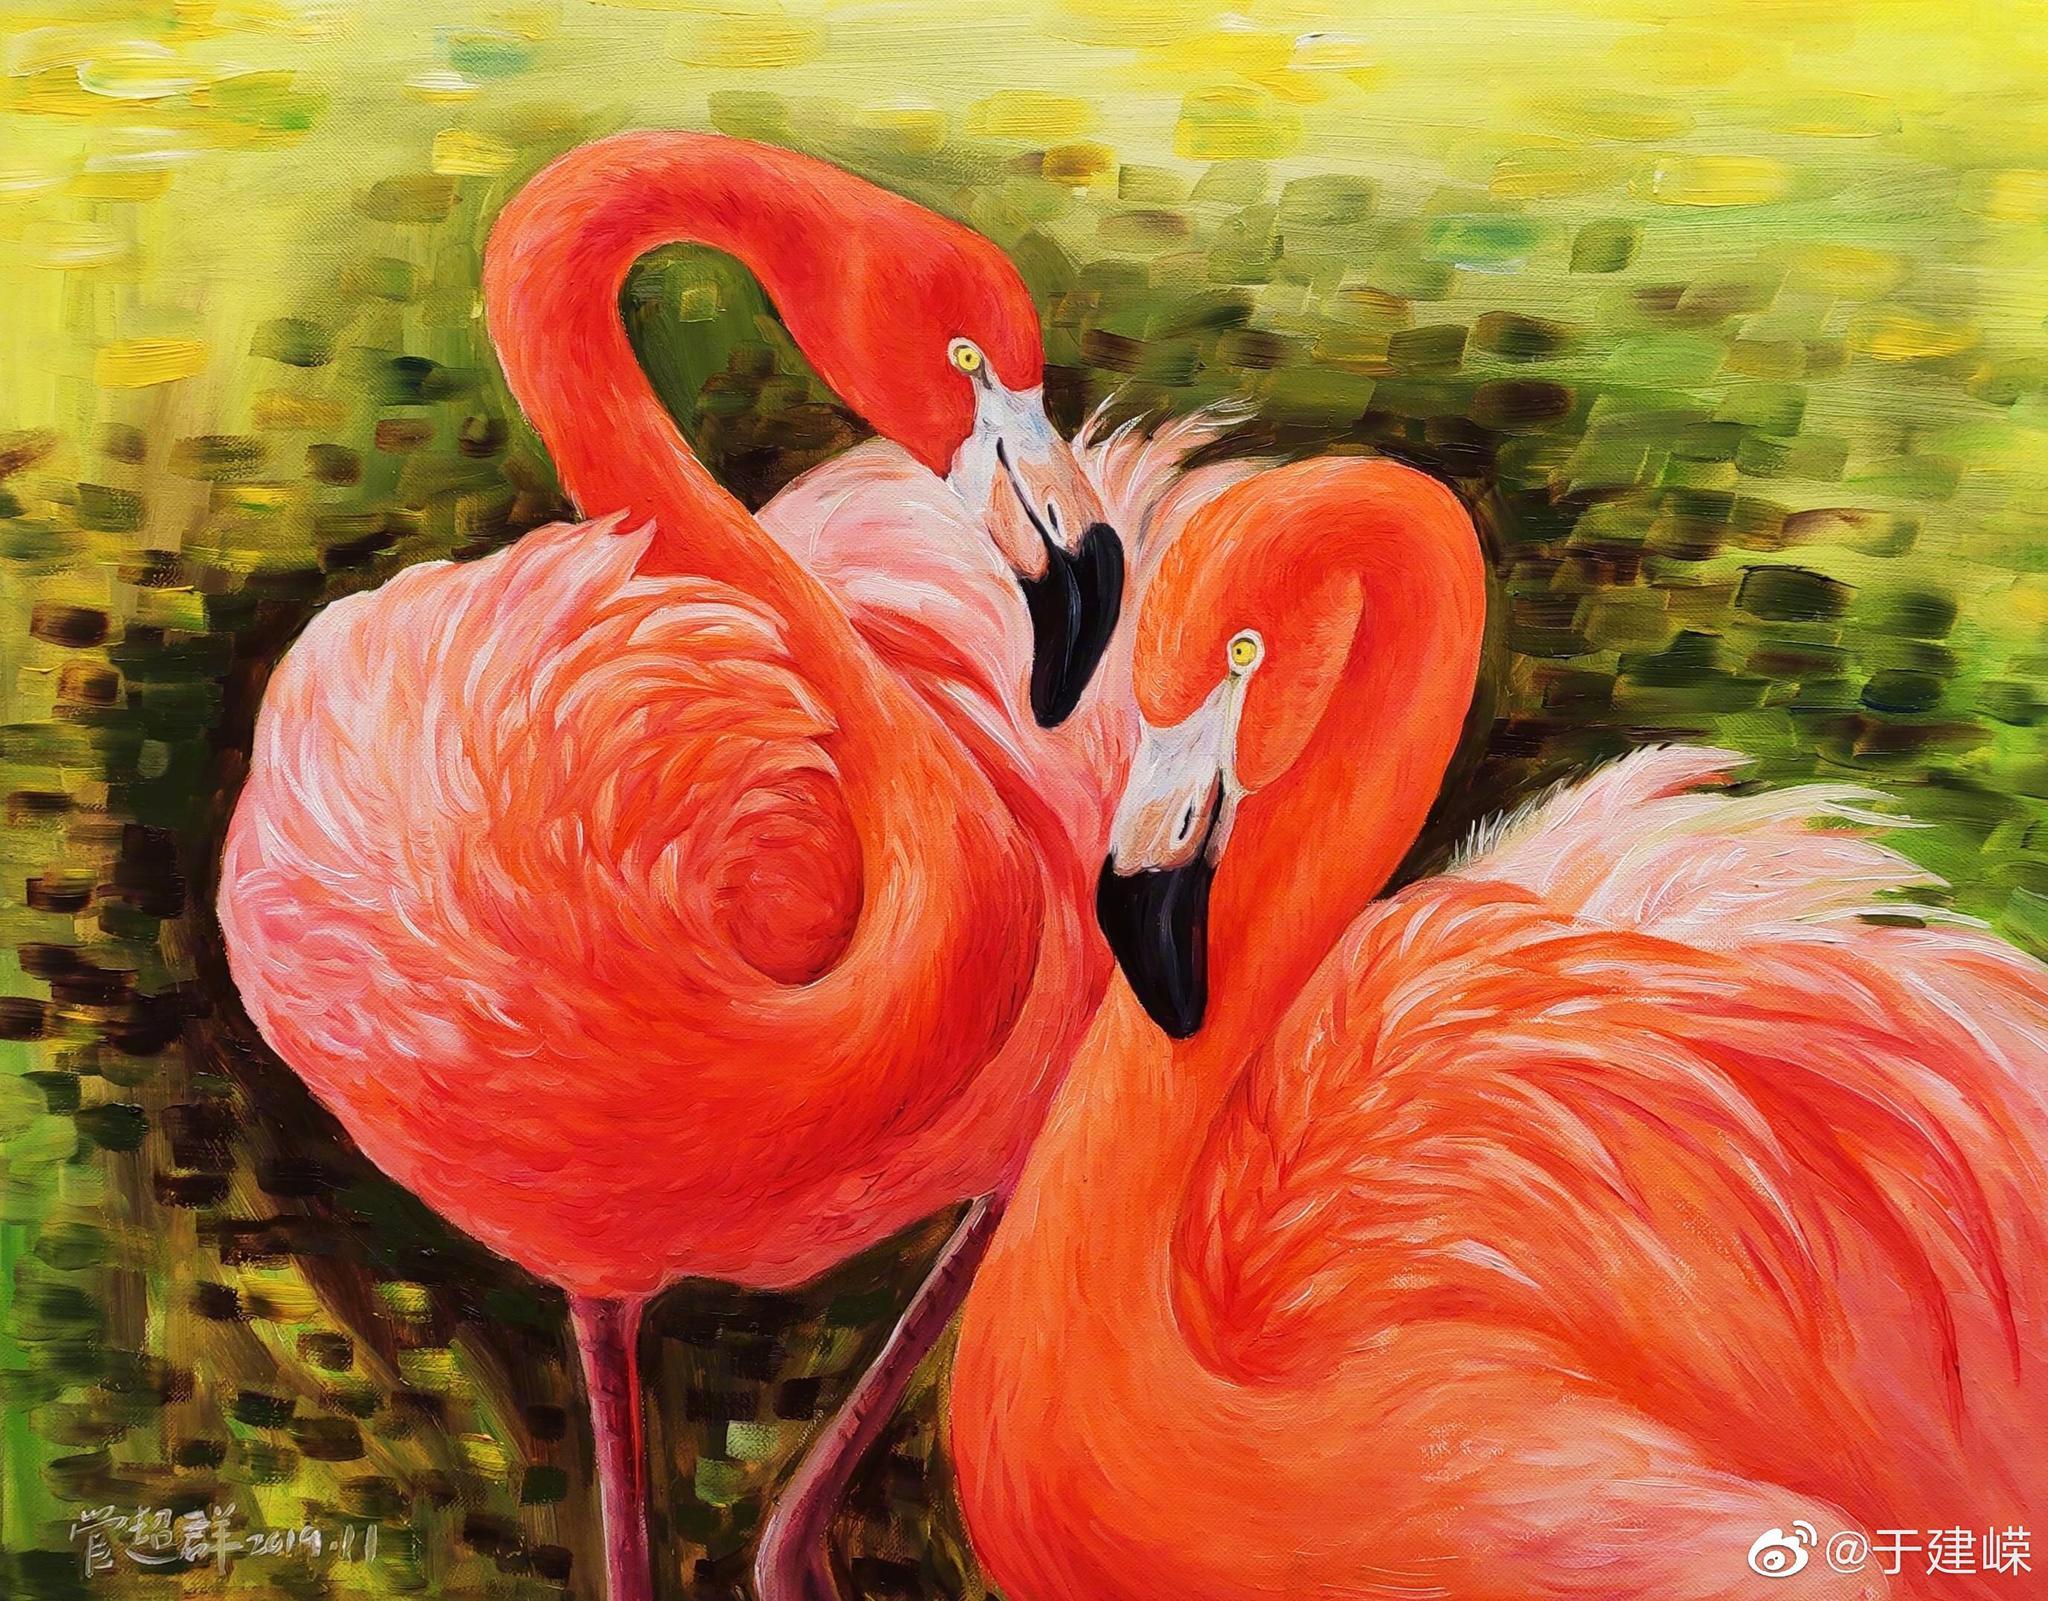 管超群油画作品——《幸福生活之相亲相爱》 为感谢大家对这位坚强的